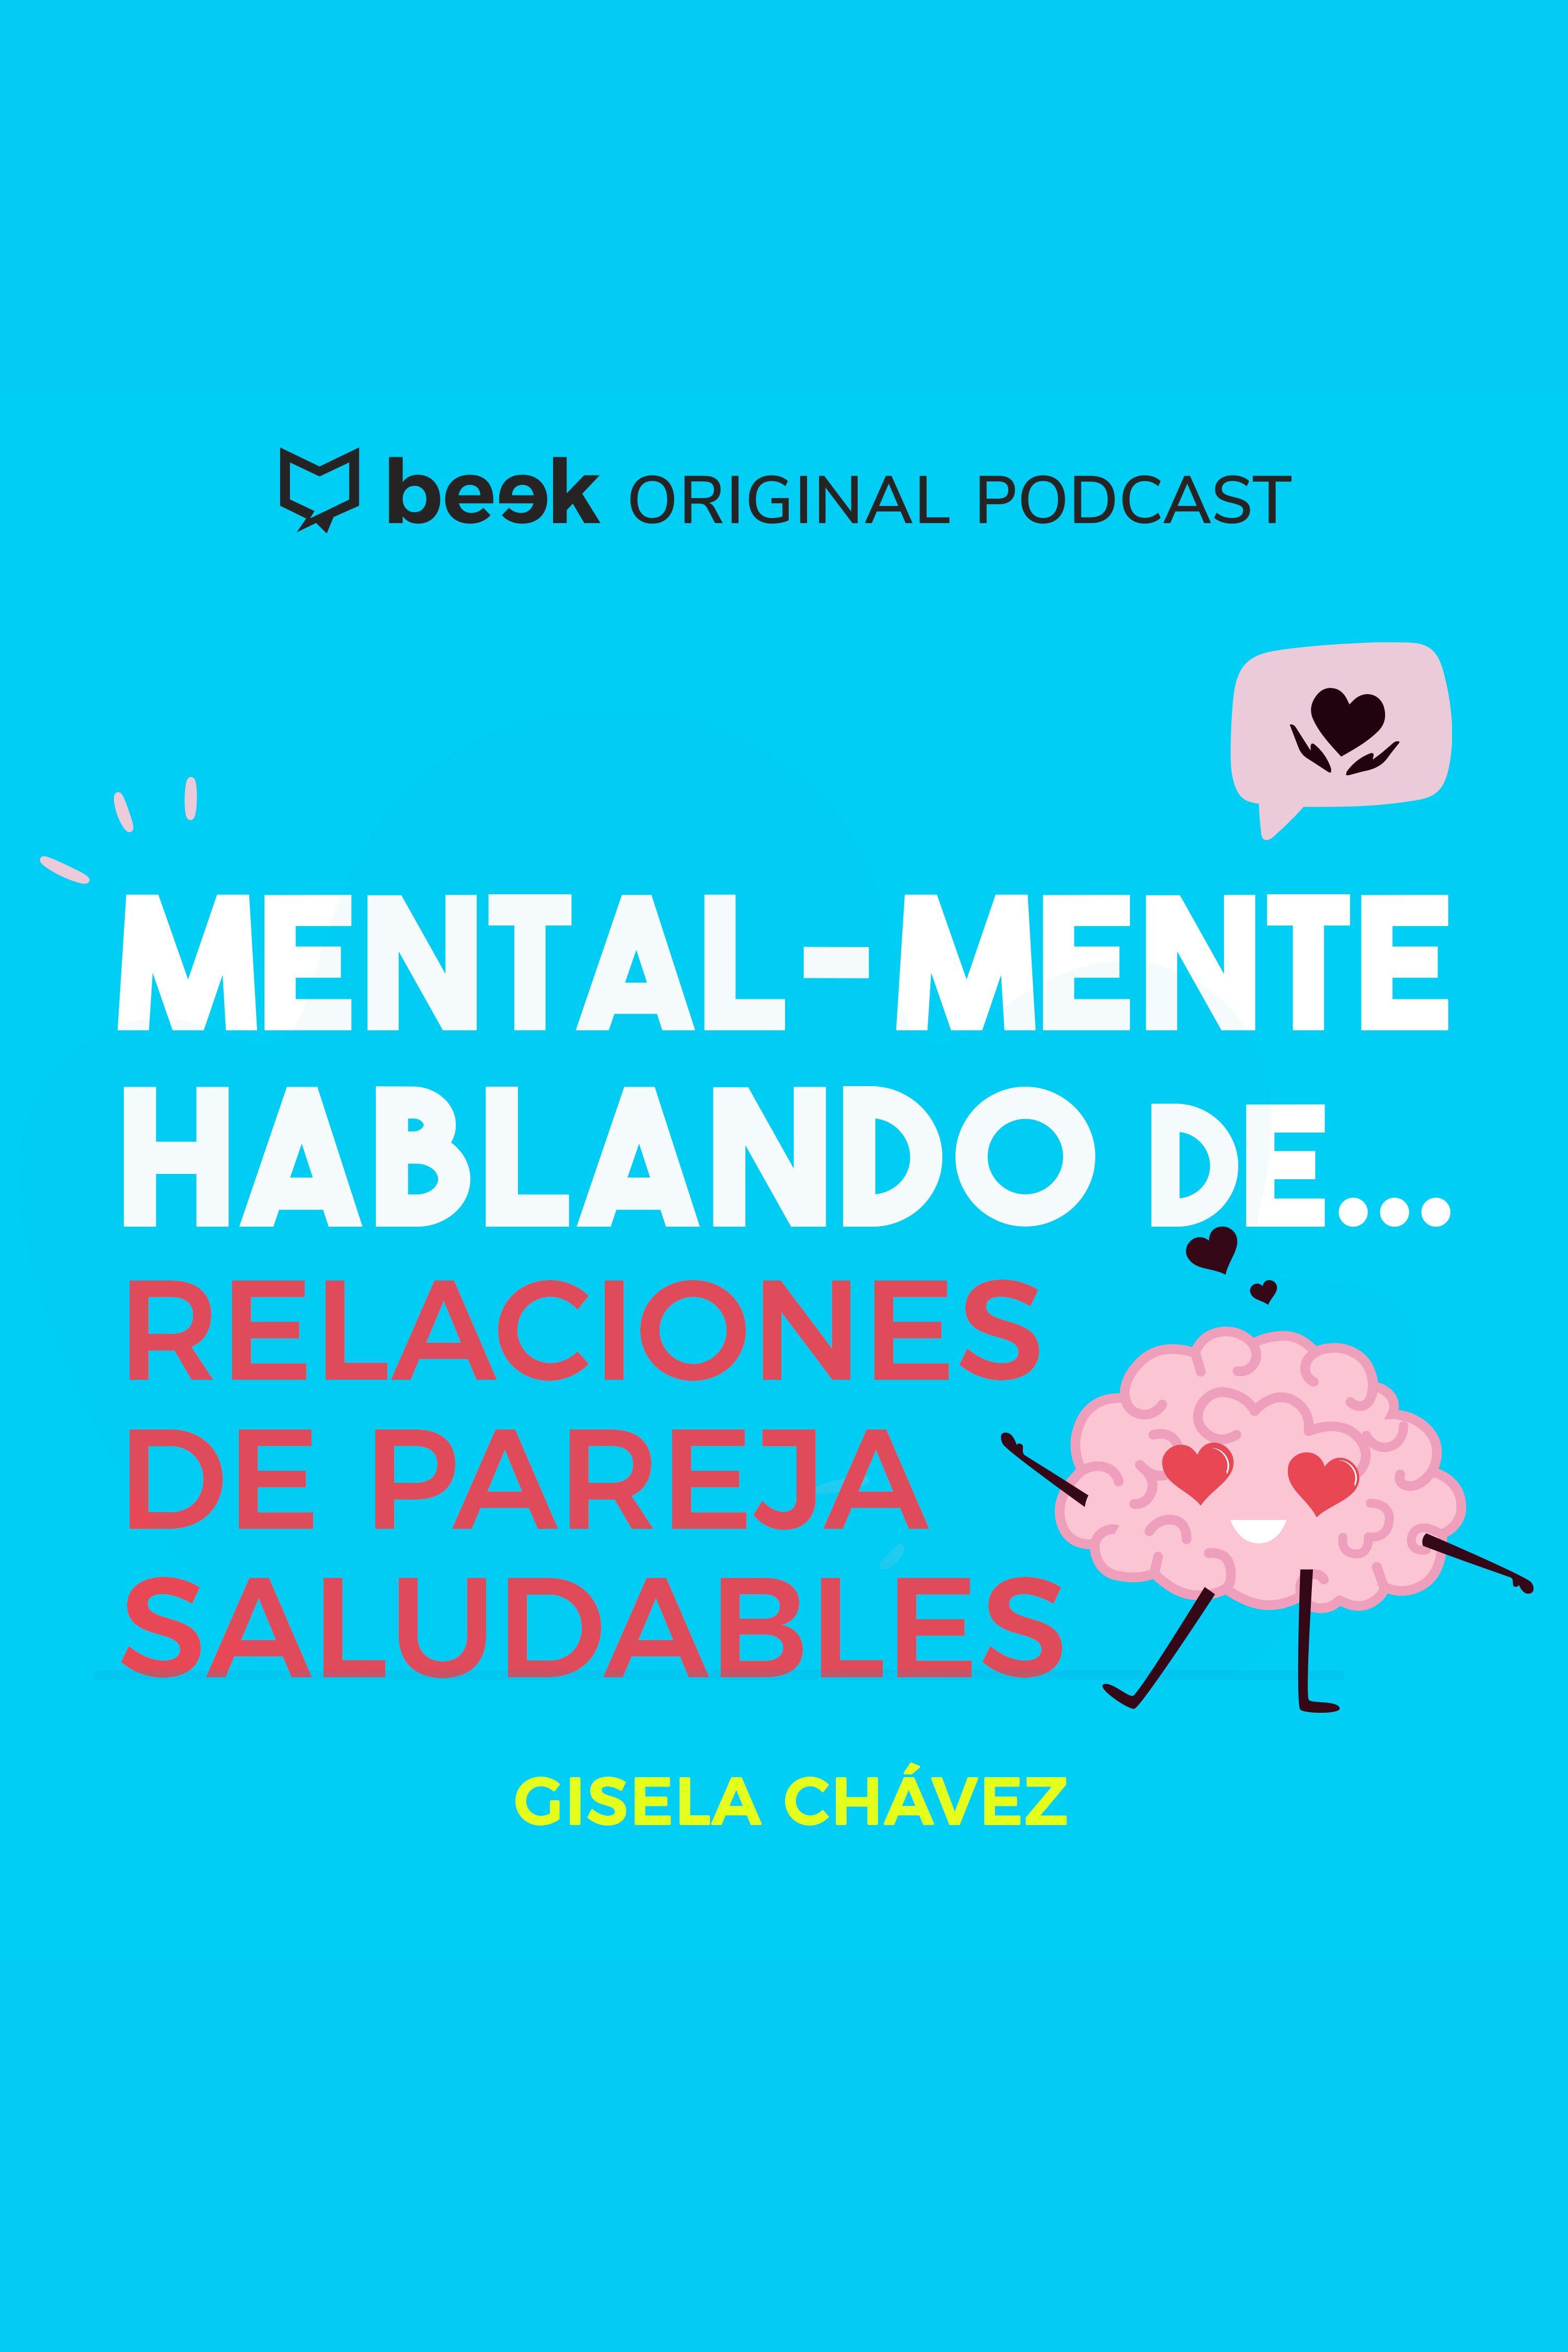 Esta es la portada del audiolibro Mental-mente hablando de relaciones de pareja saludables